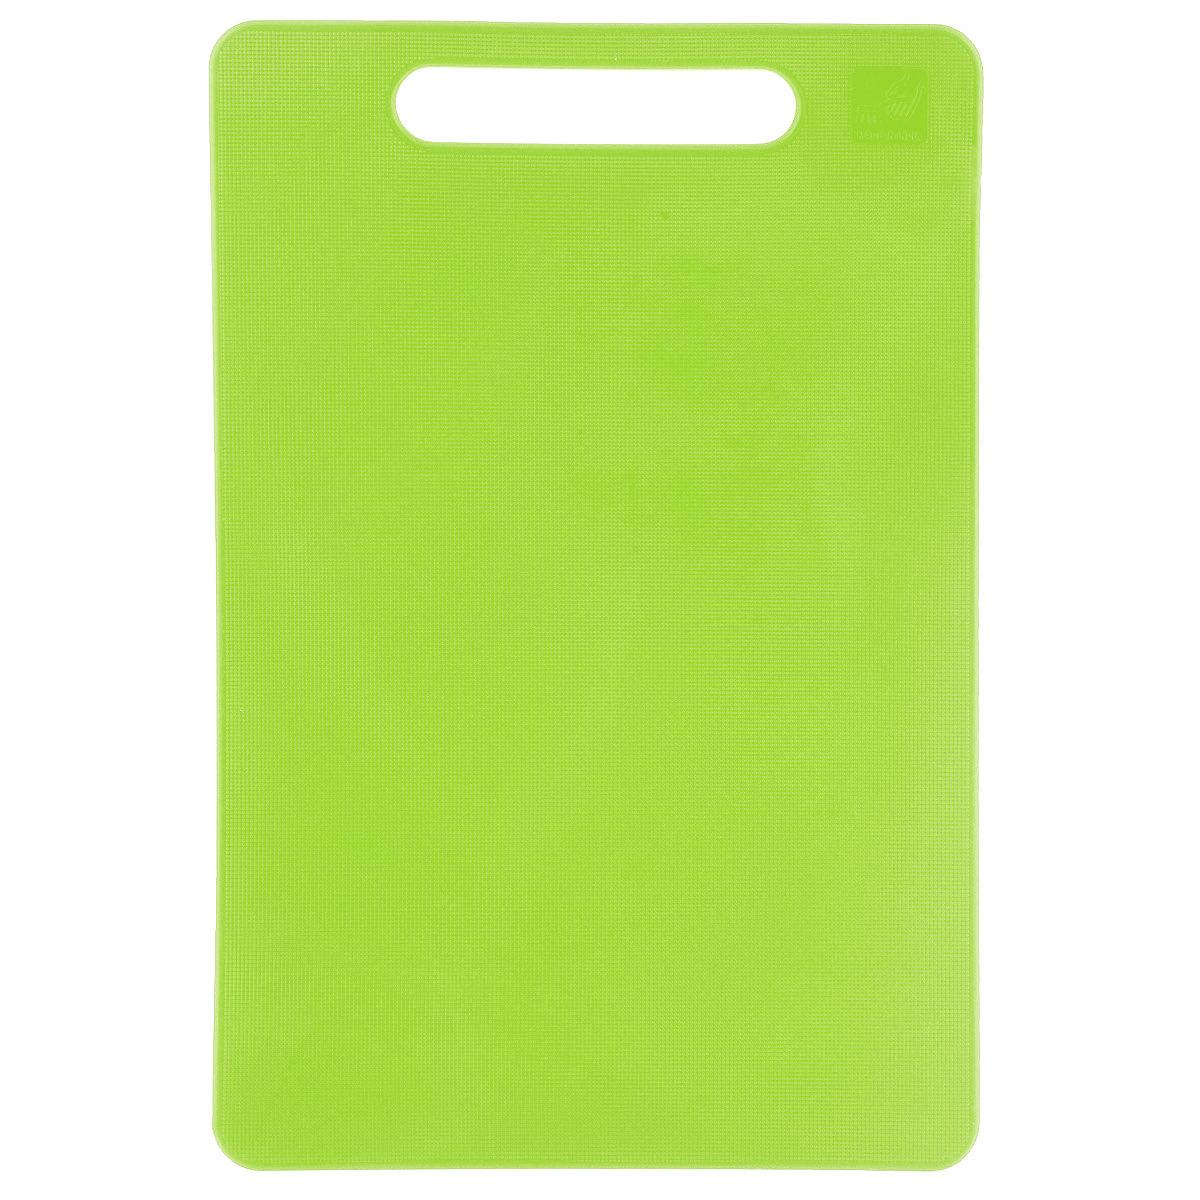 Доска разделочная Kesper, цвет: зеленый, 24 см х 15 см3046-1Яркая разделочная доска Kesper прекрасно подходит для разделки всех видов пищевых продуктов. Изготовлена из одноцветного прочного пластика. Изделие оснащено отверстием для подвешивания на крючок.Можно мыть в посудомоечной машине.